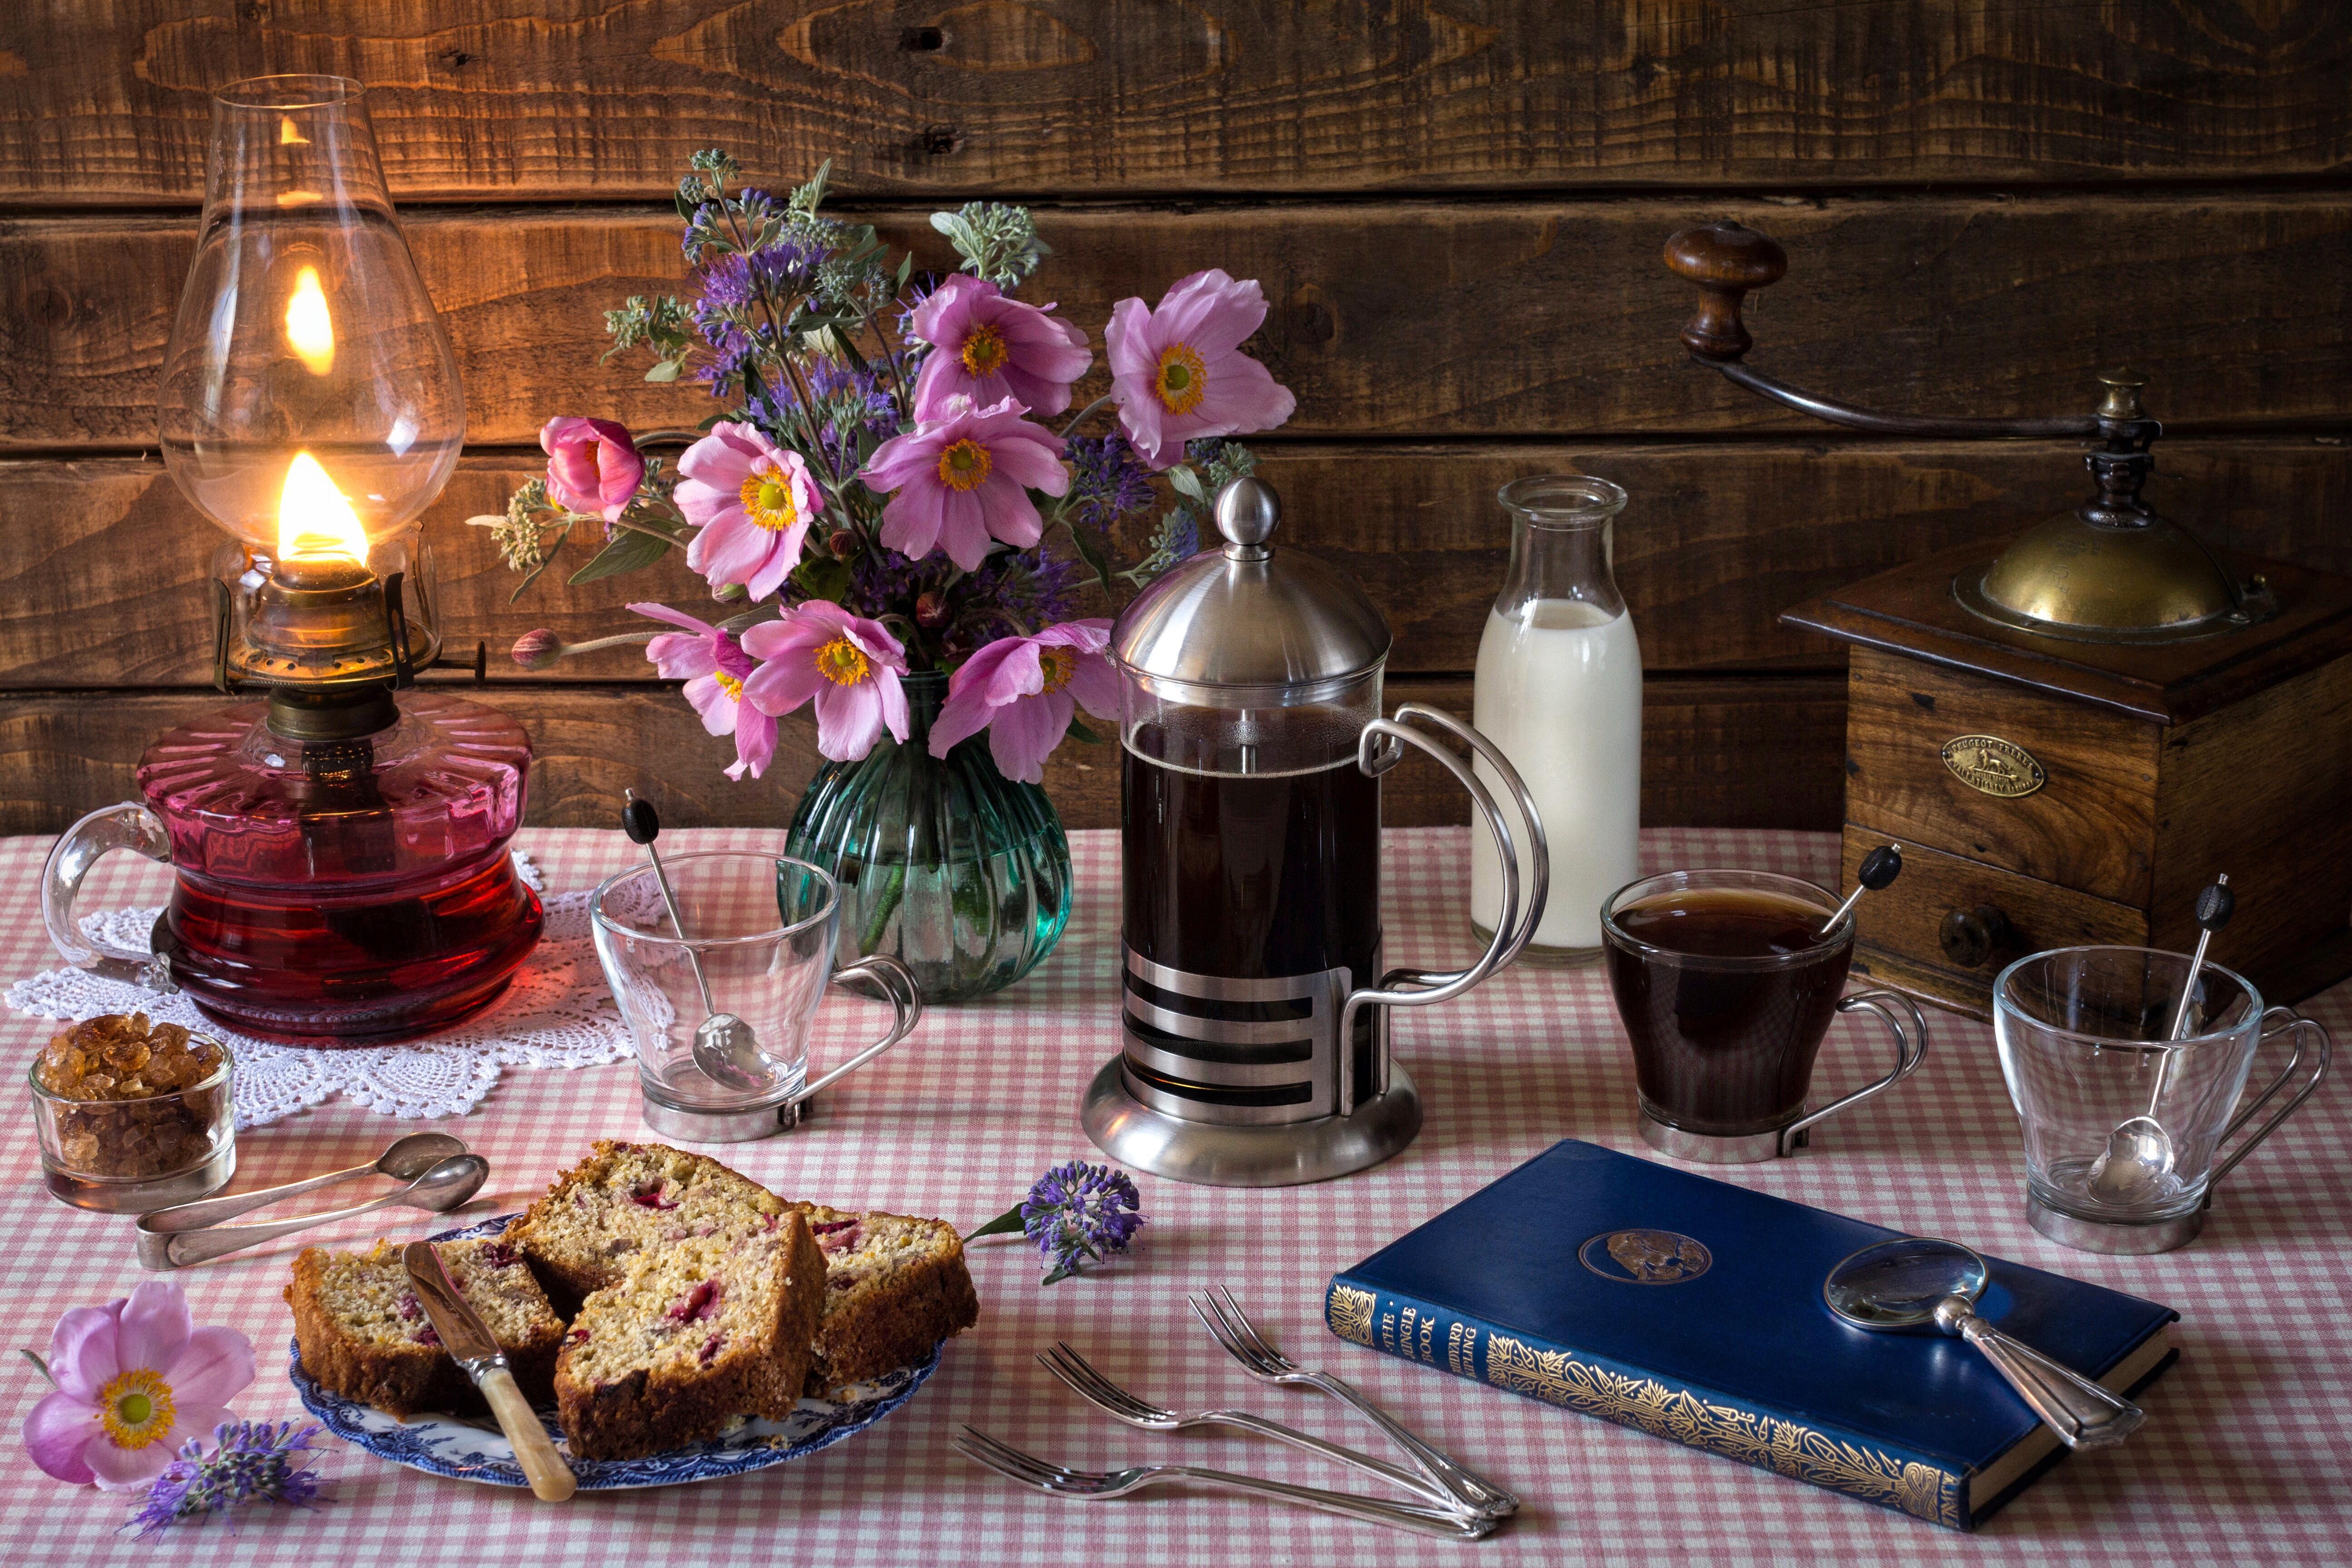 обои стол, лампа, кофемолка, ваза картинки фото